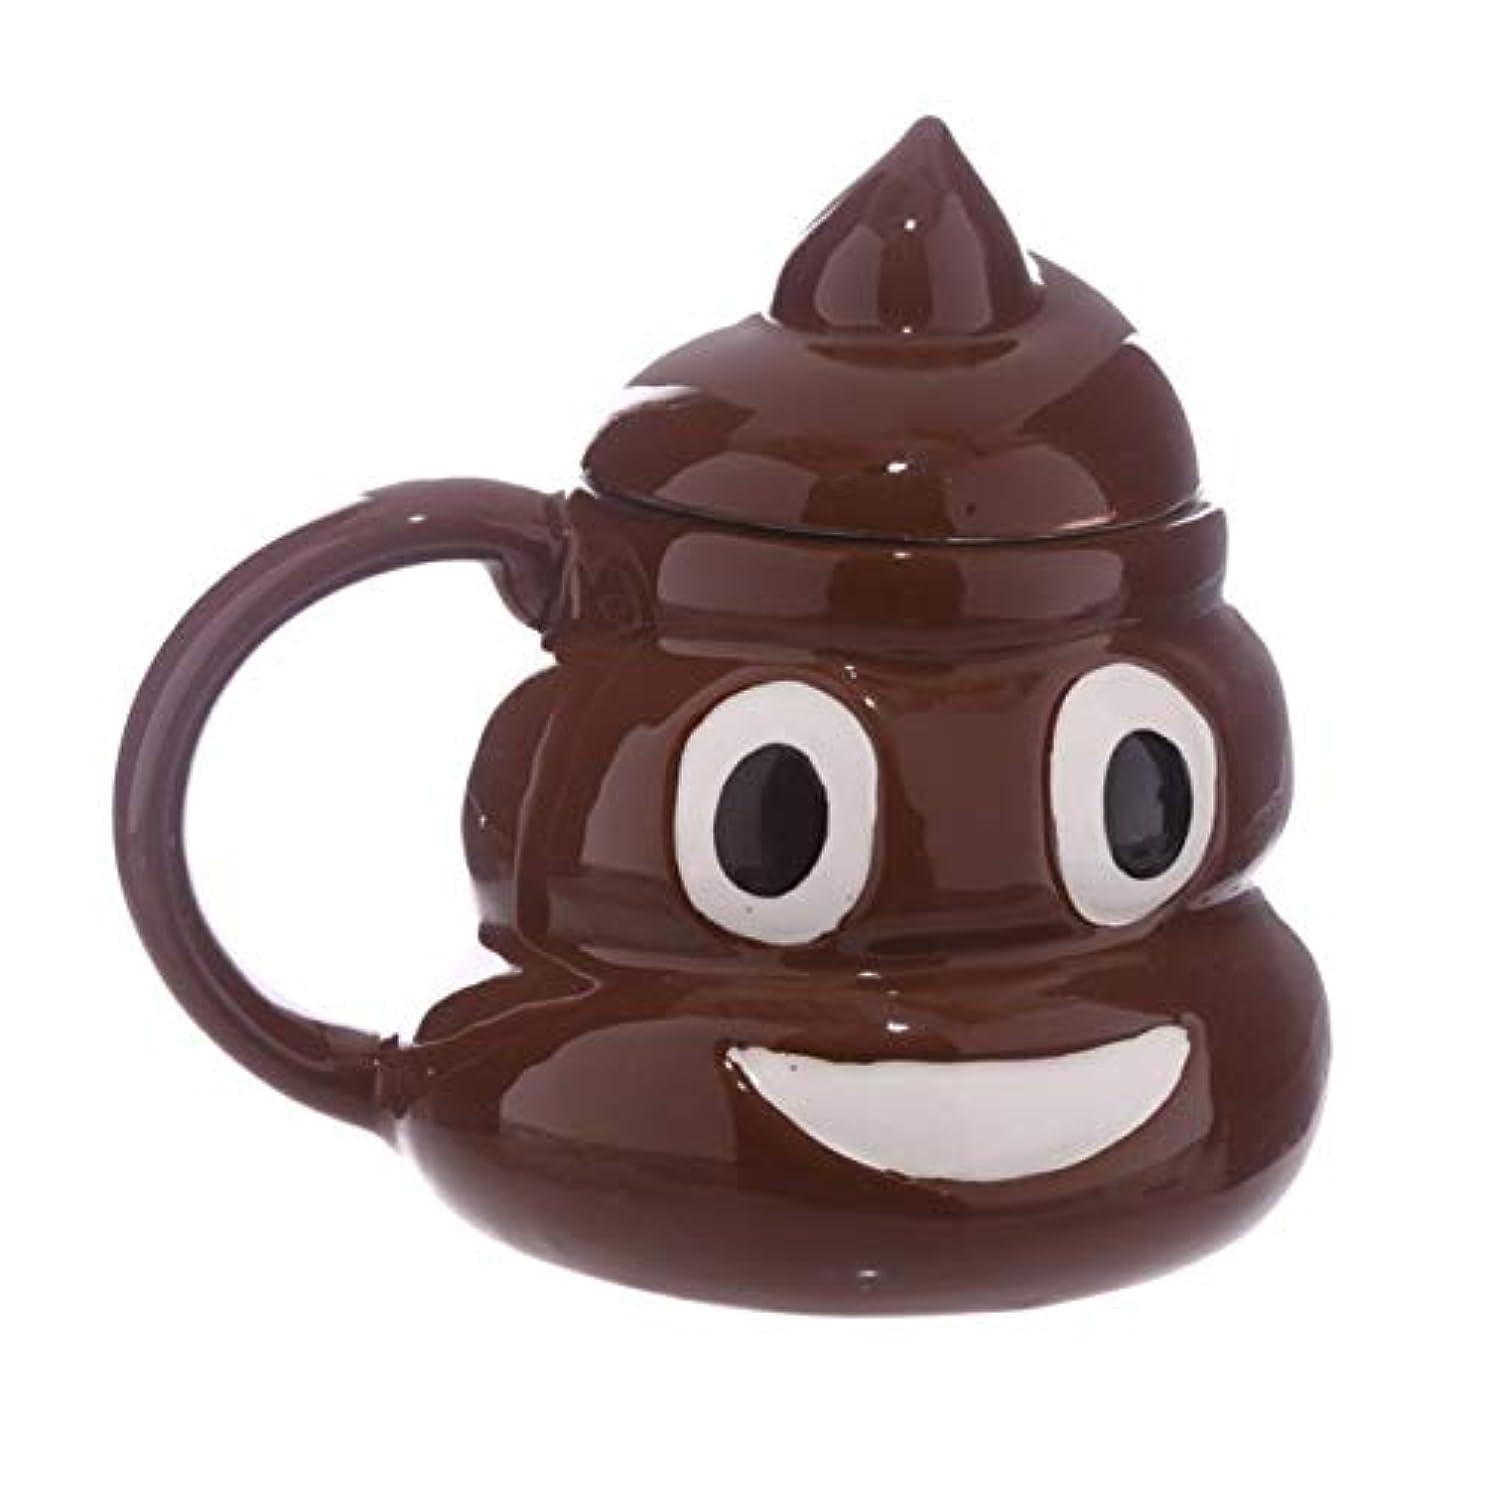 審判肉の十一Saikogoods 3Dおかしい絵文字マグ特殊セラミックコーヒーカップかわいいティーカップ磁器カップノベルティミルクマグフレンズファミリーギフト 褐色